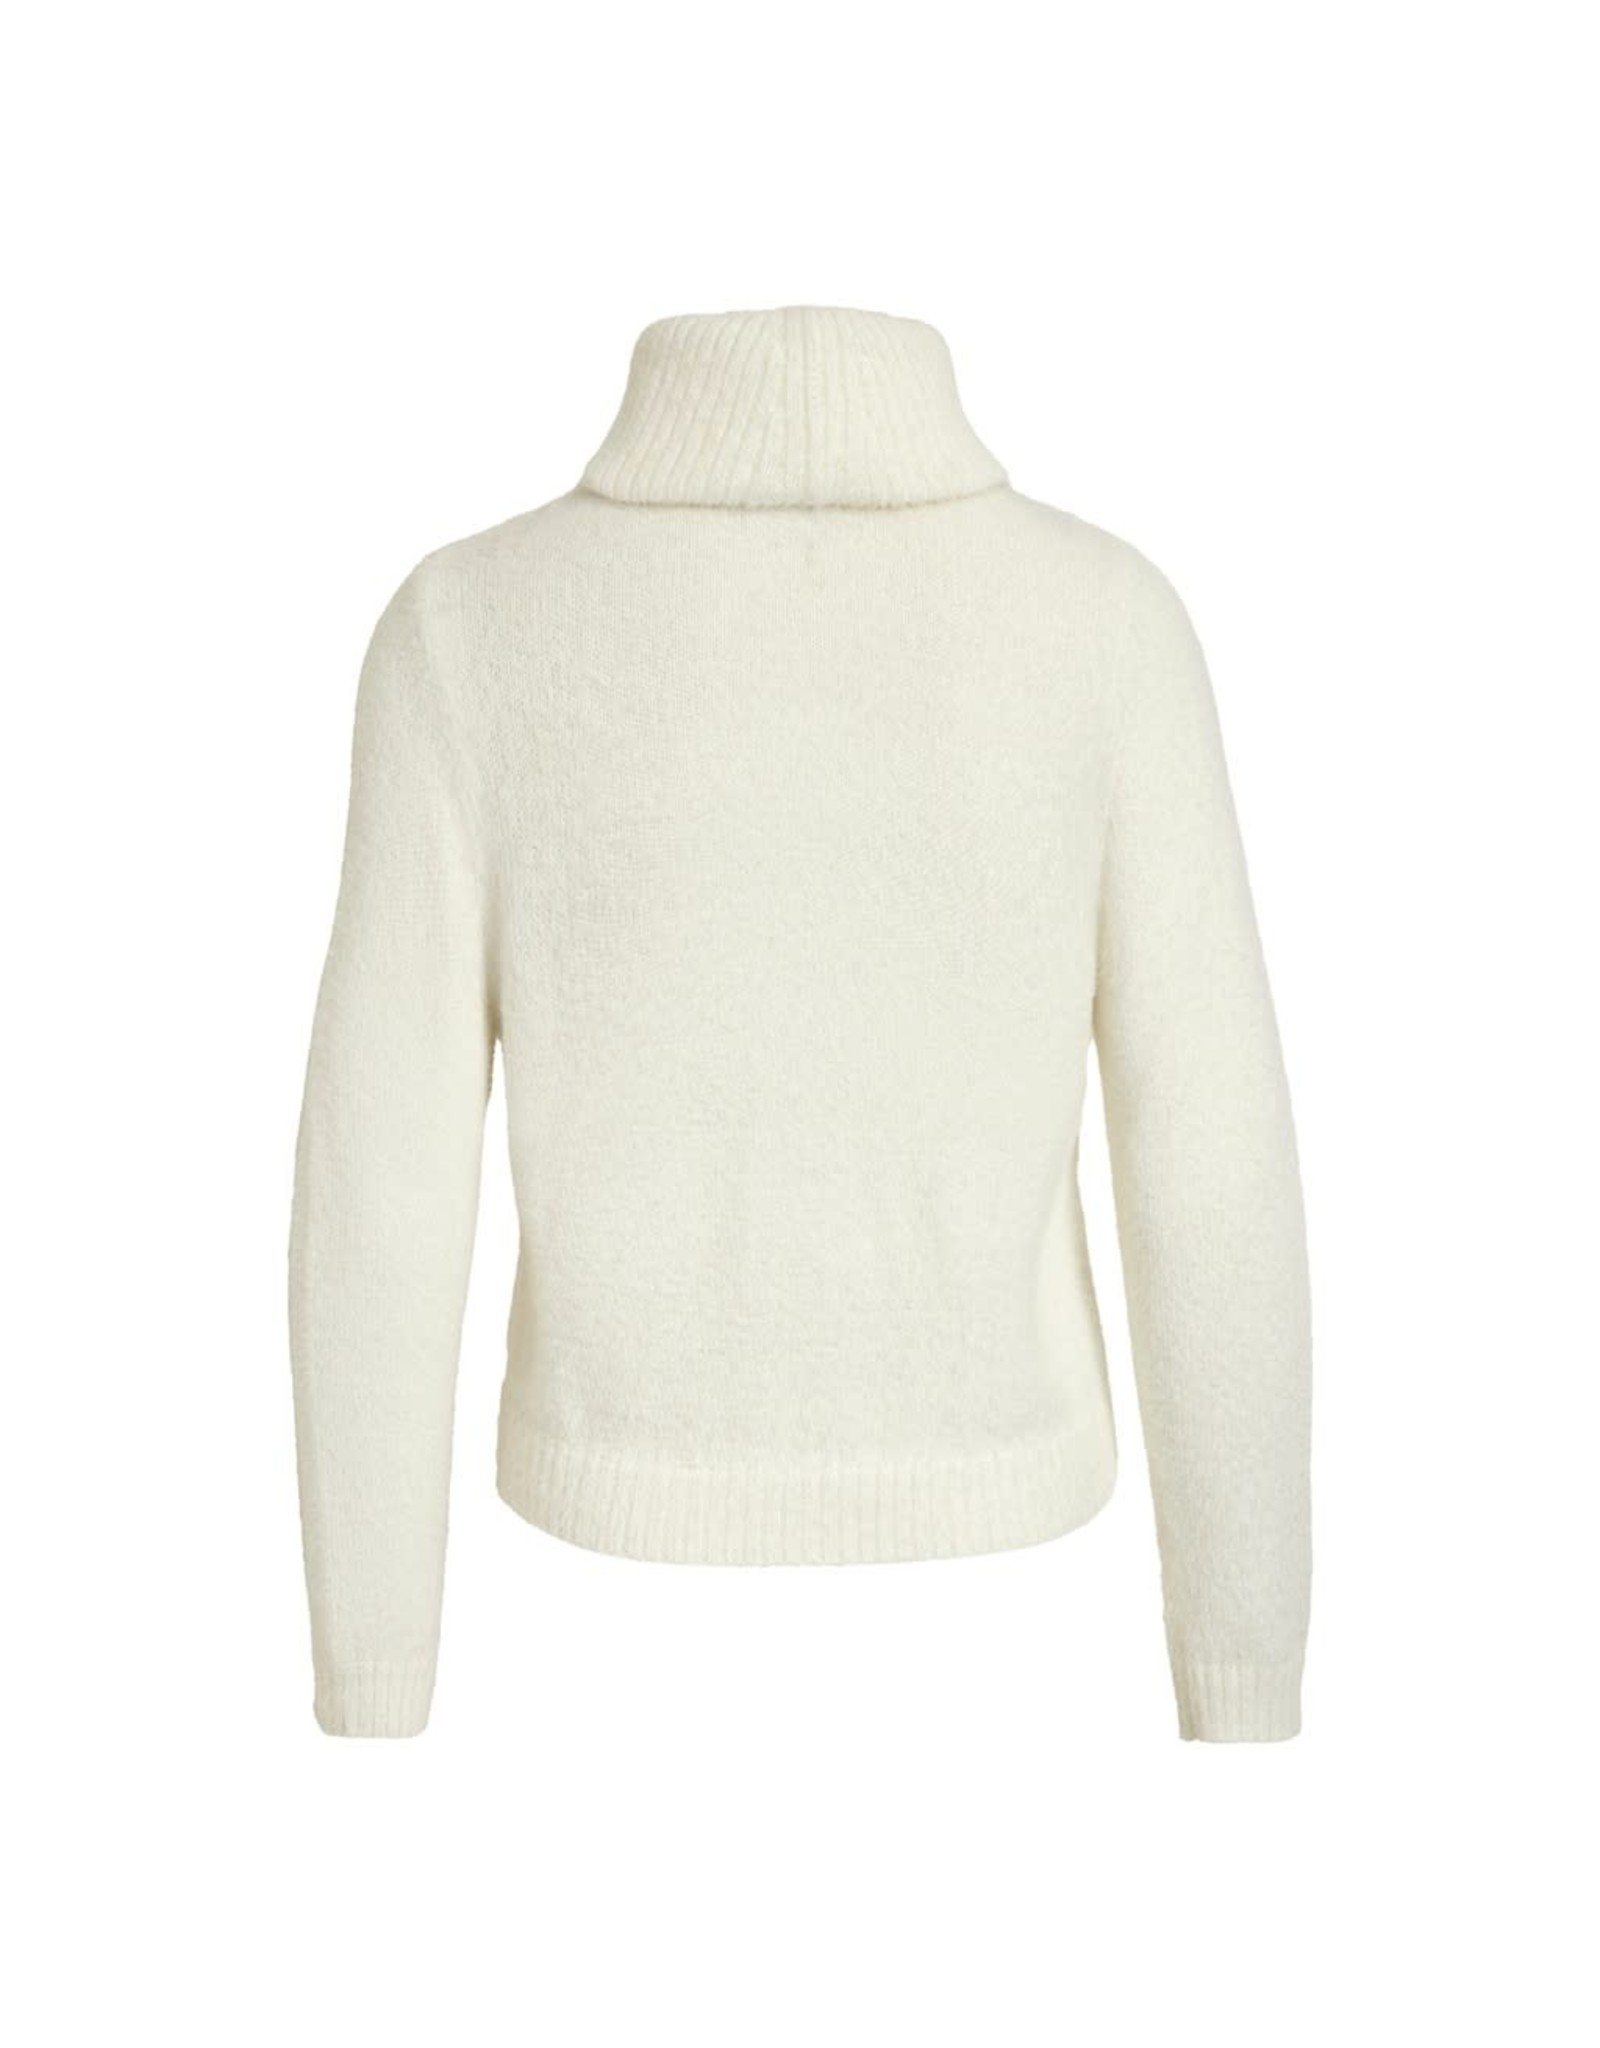 Vila vifeami rollneck l/s knit top/su - noos